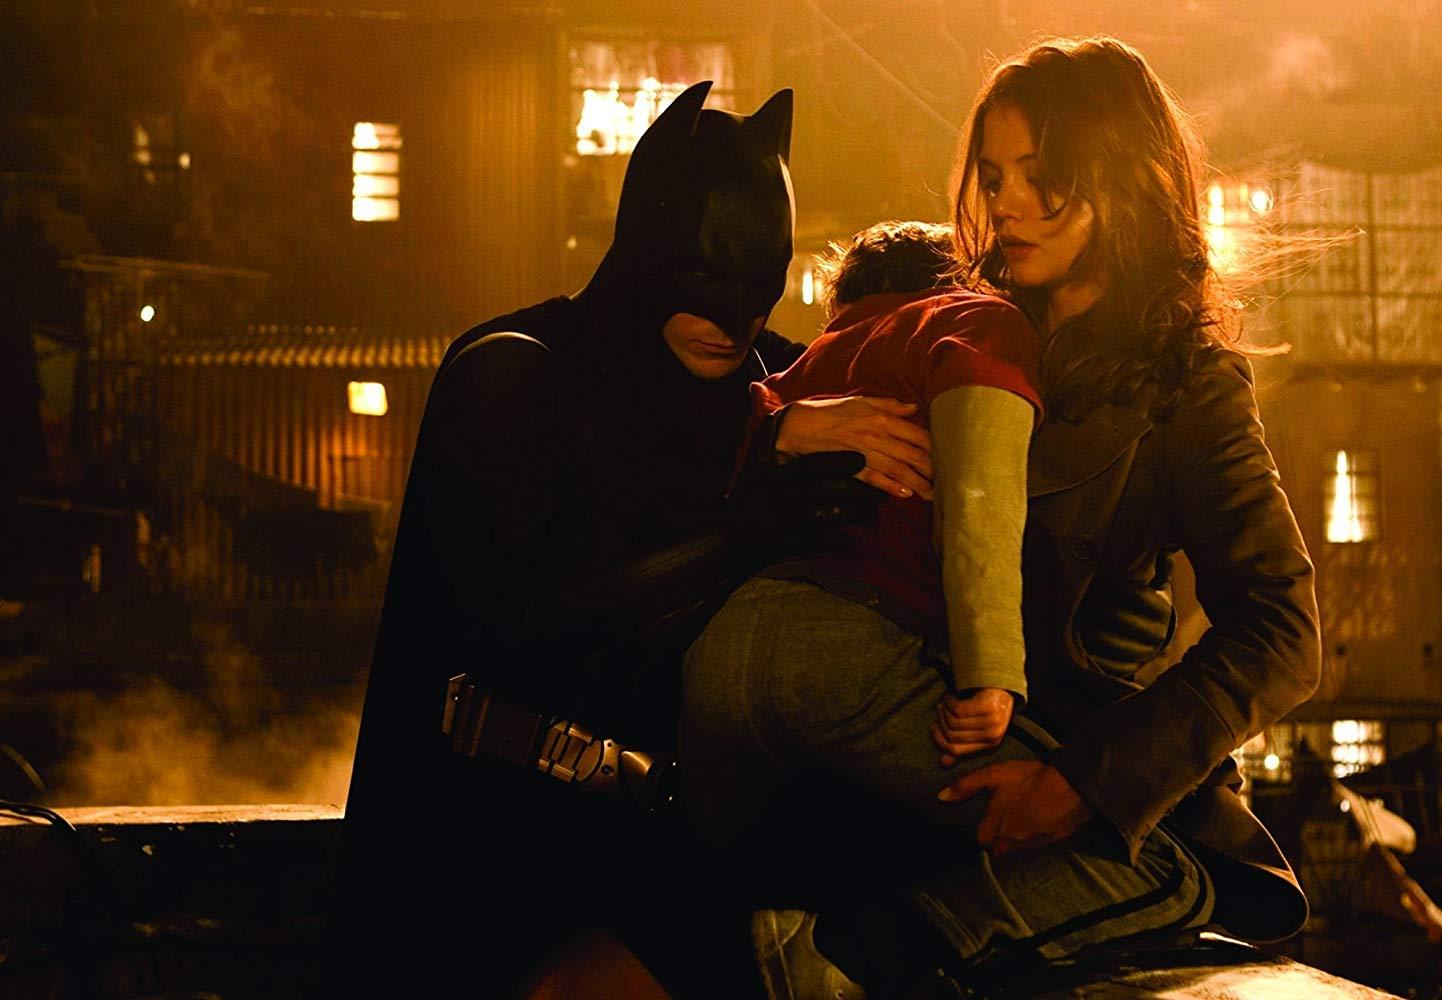 batman begins rachel dawes katie holmes